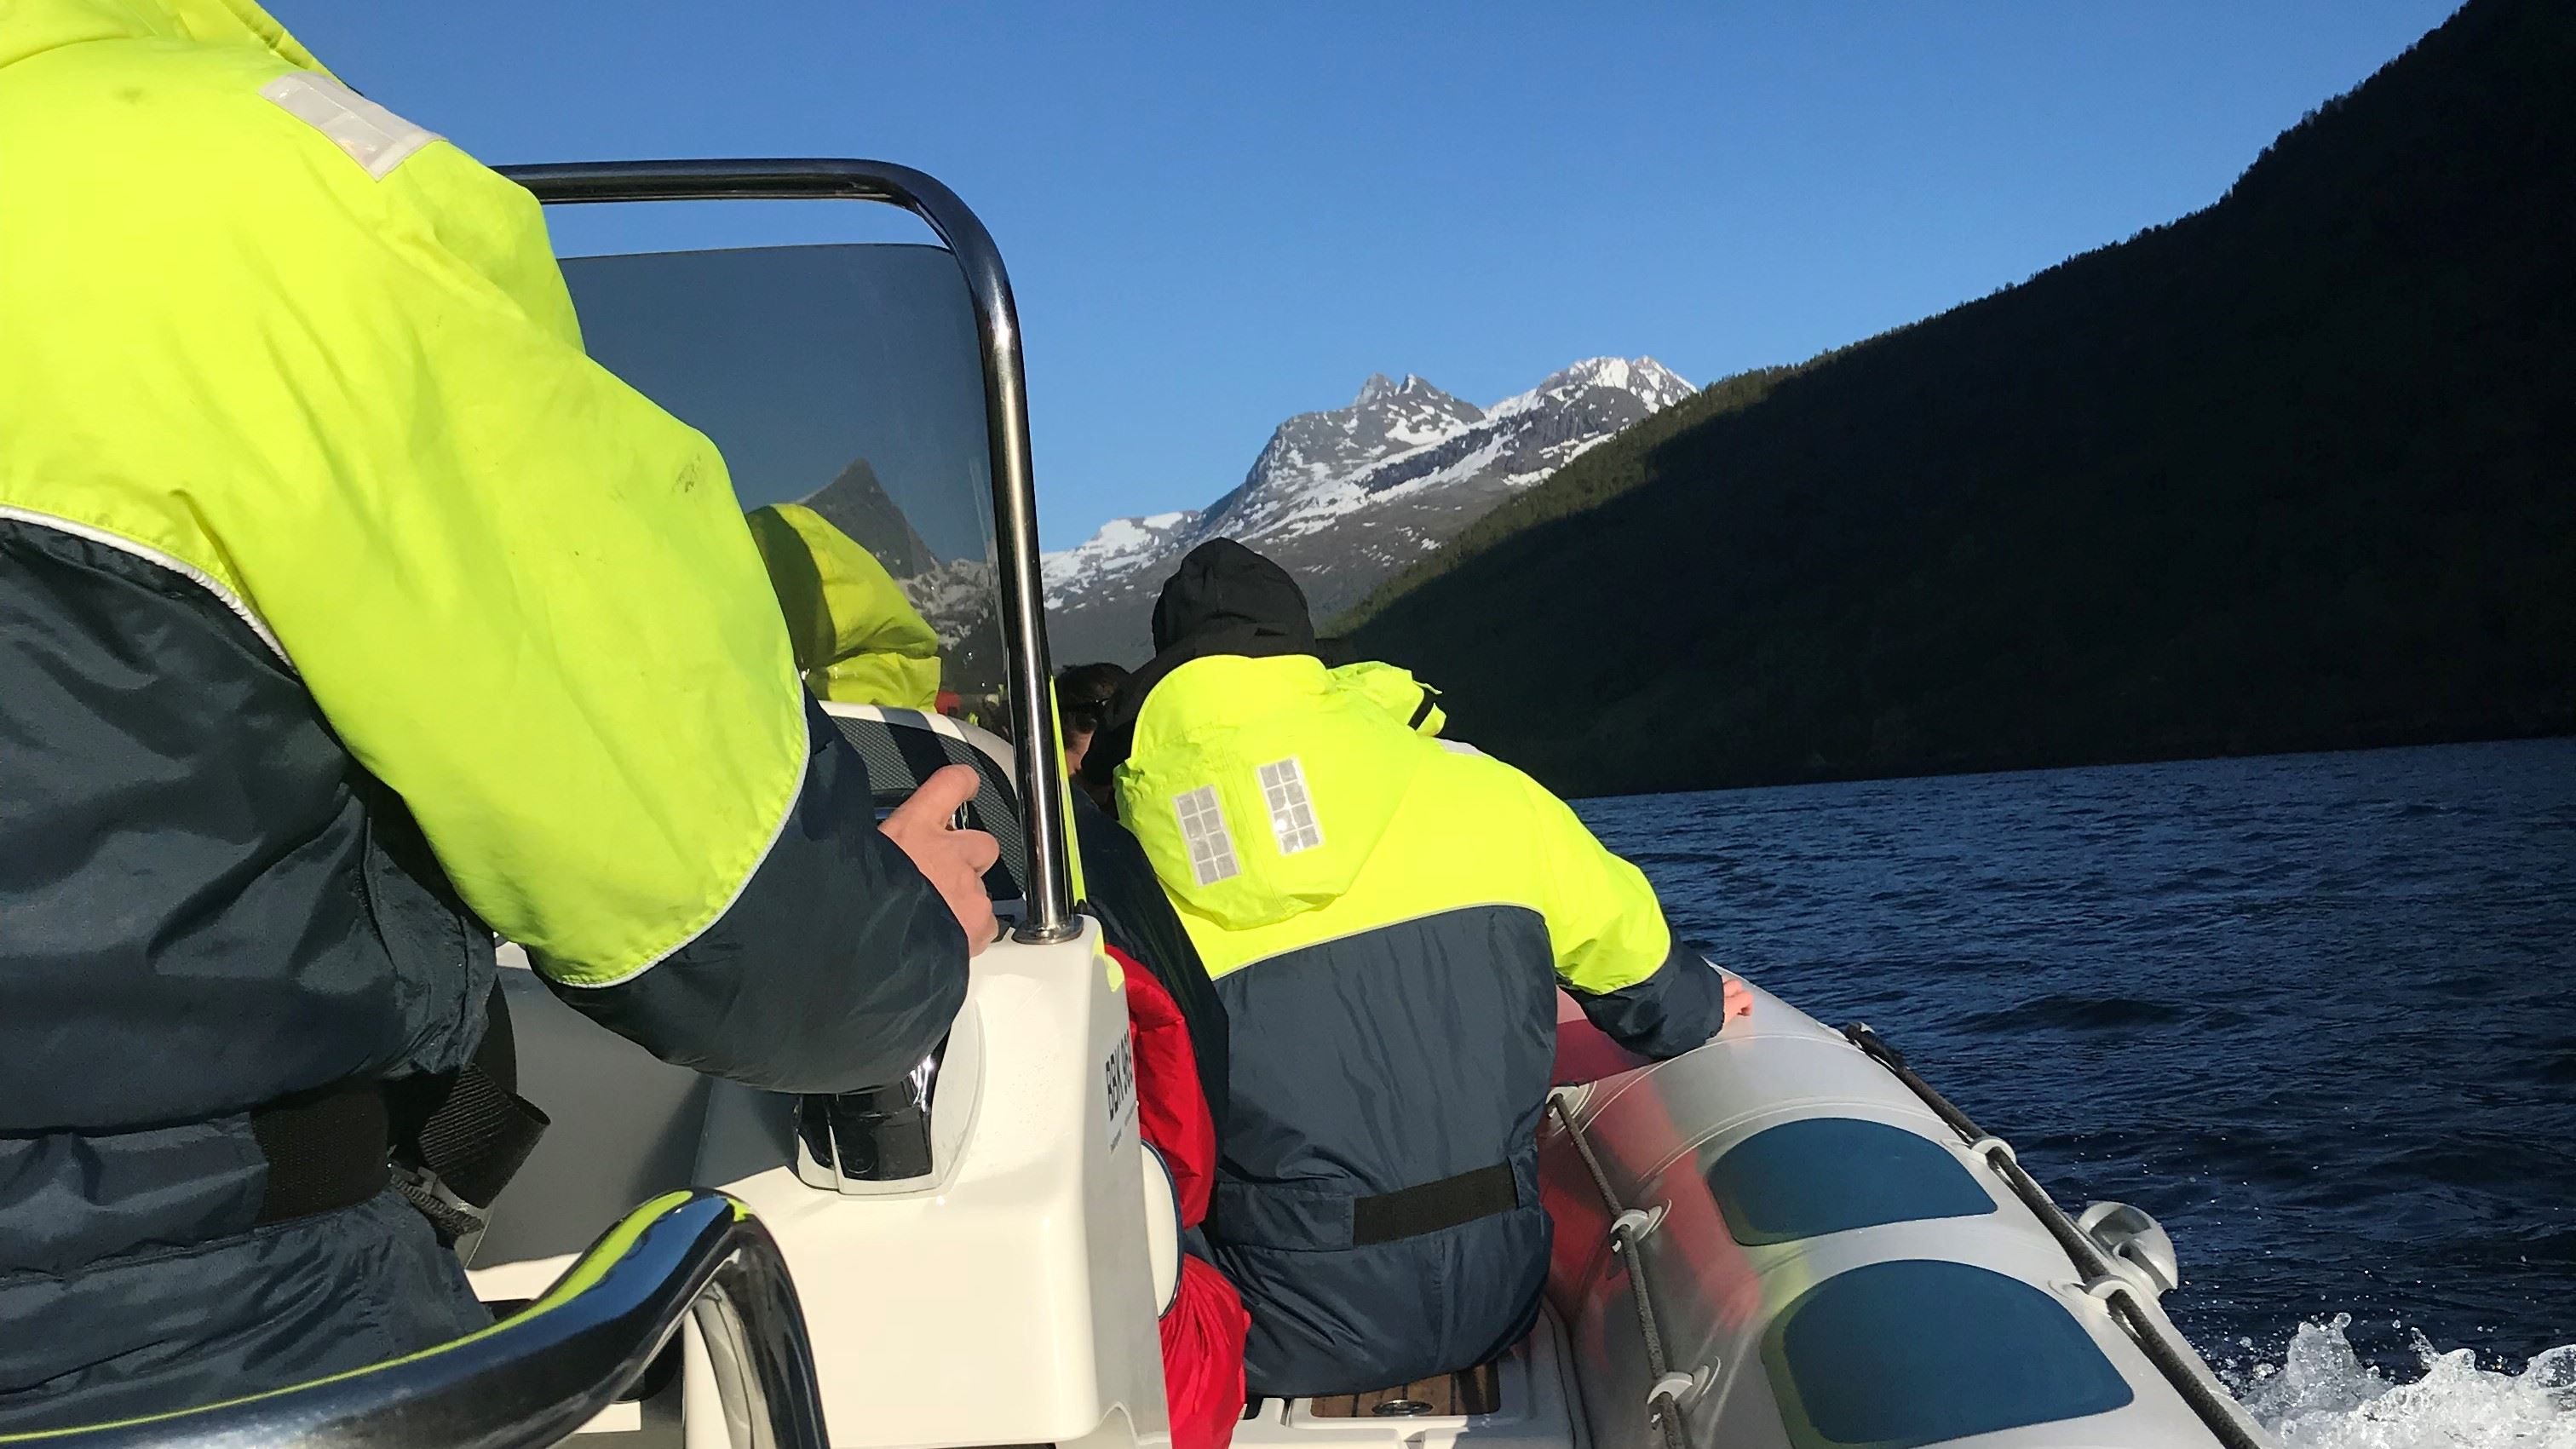 June Berg-Sollund, Explore the Ofot fjord with a RIB Safari